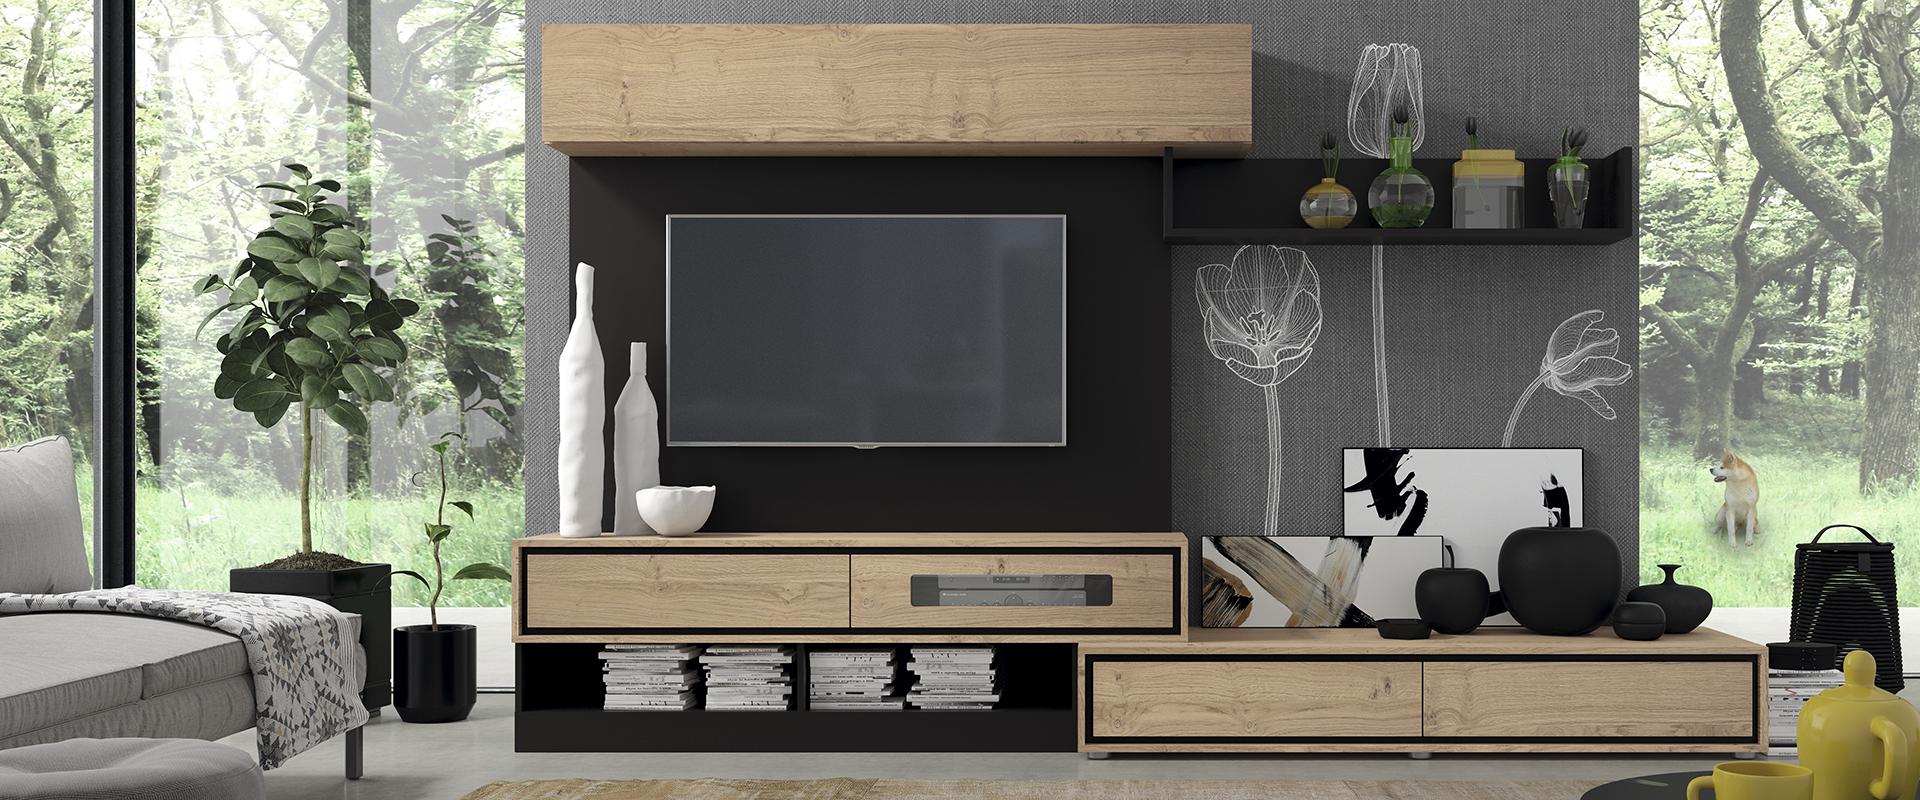 Dise o y artesan a en los muebles de tv garc a sabat for Casa garcia muebles